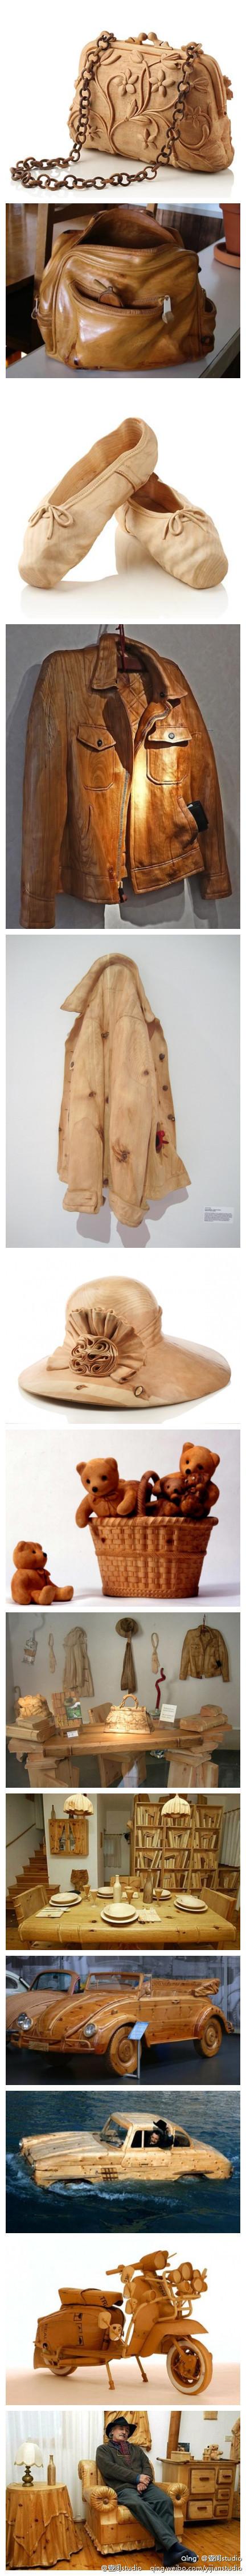 [【艺术创意】绝美的木雕艺术] - 太逼真了!